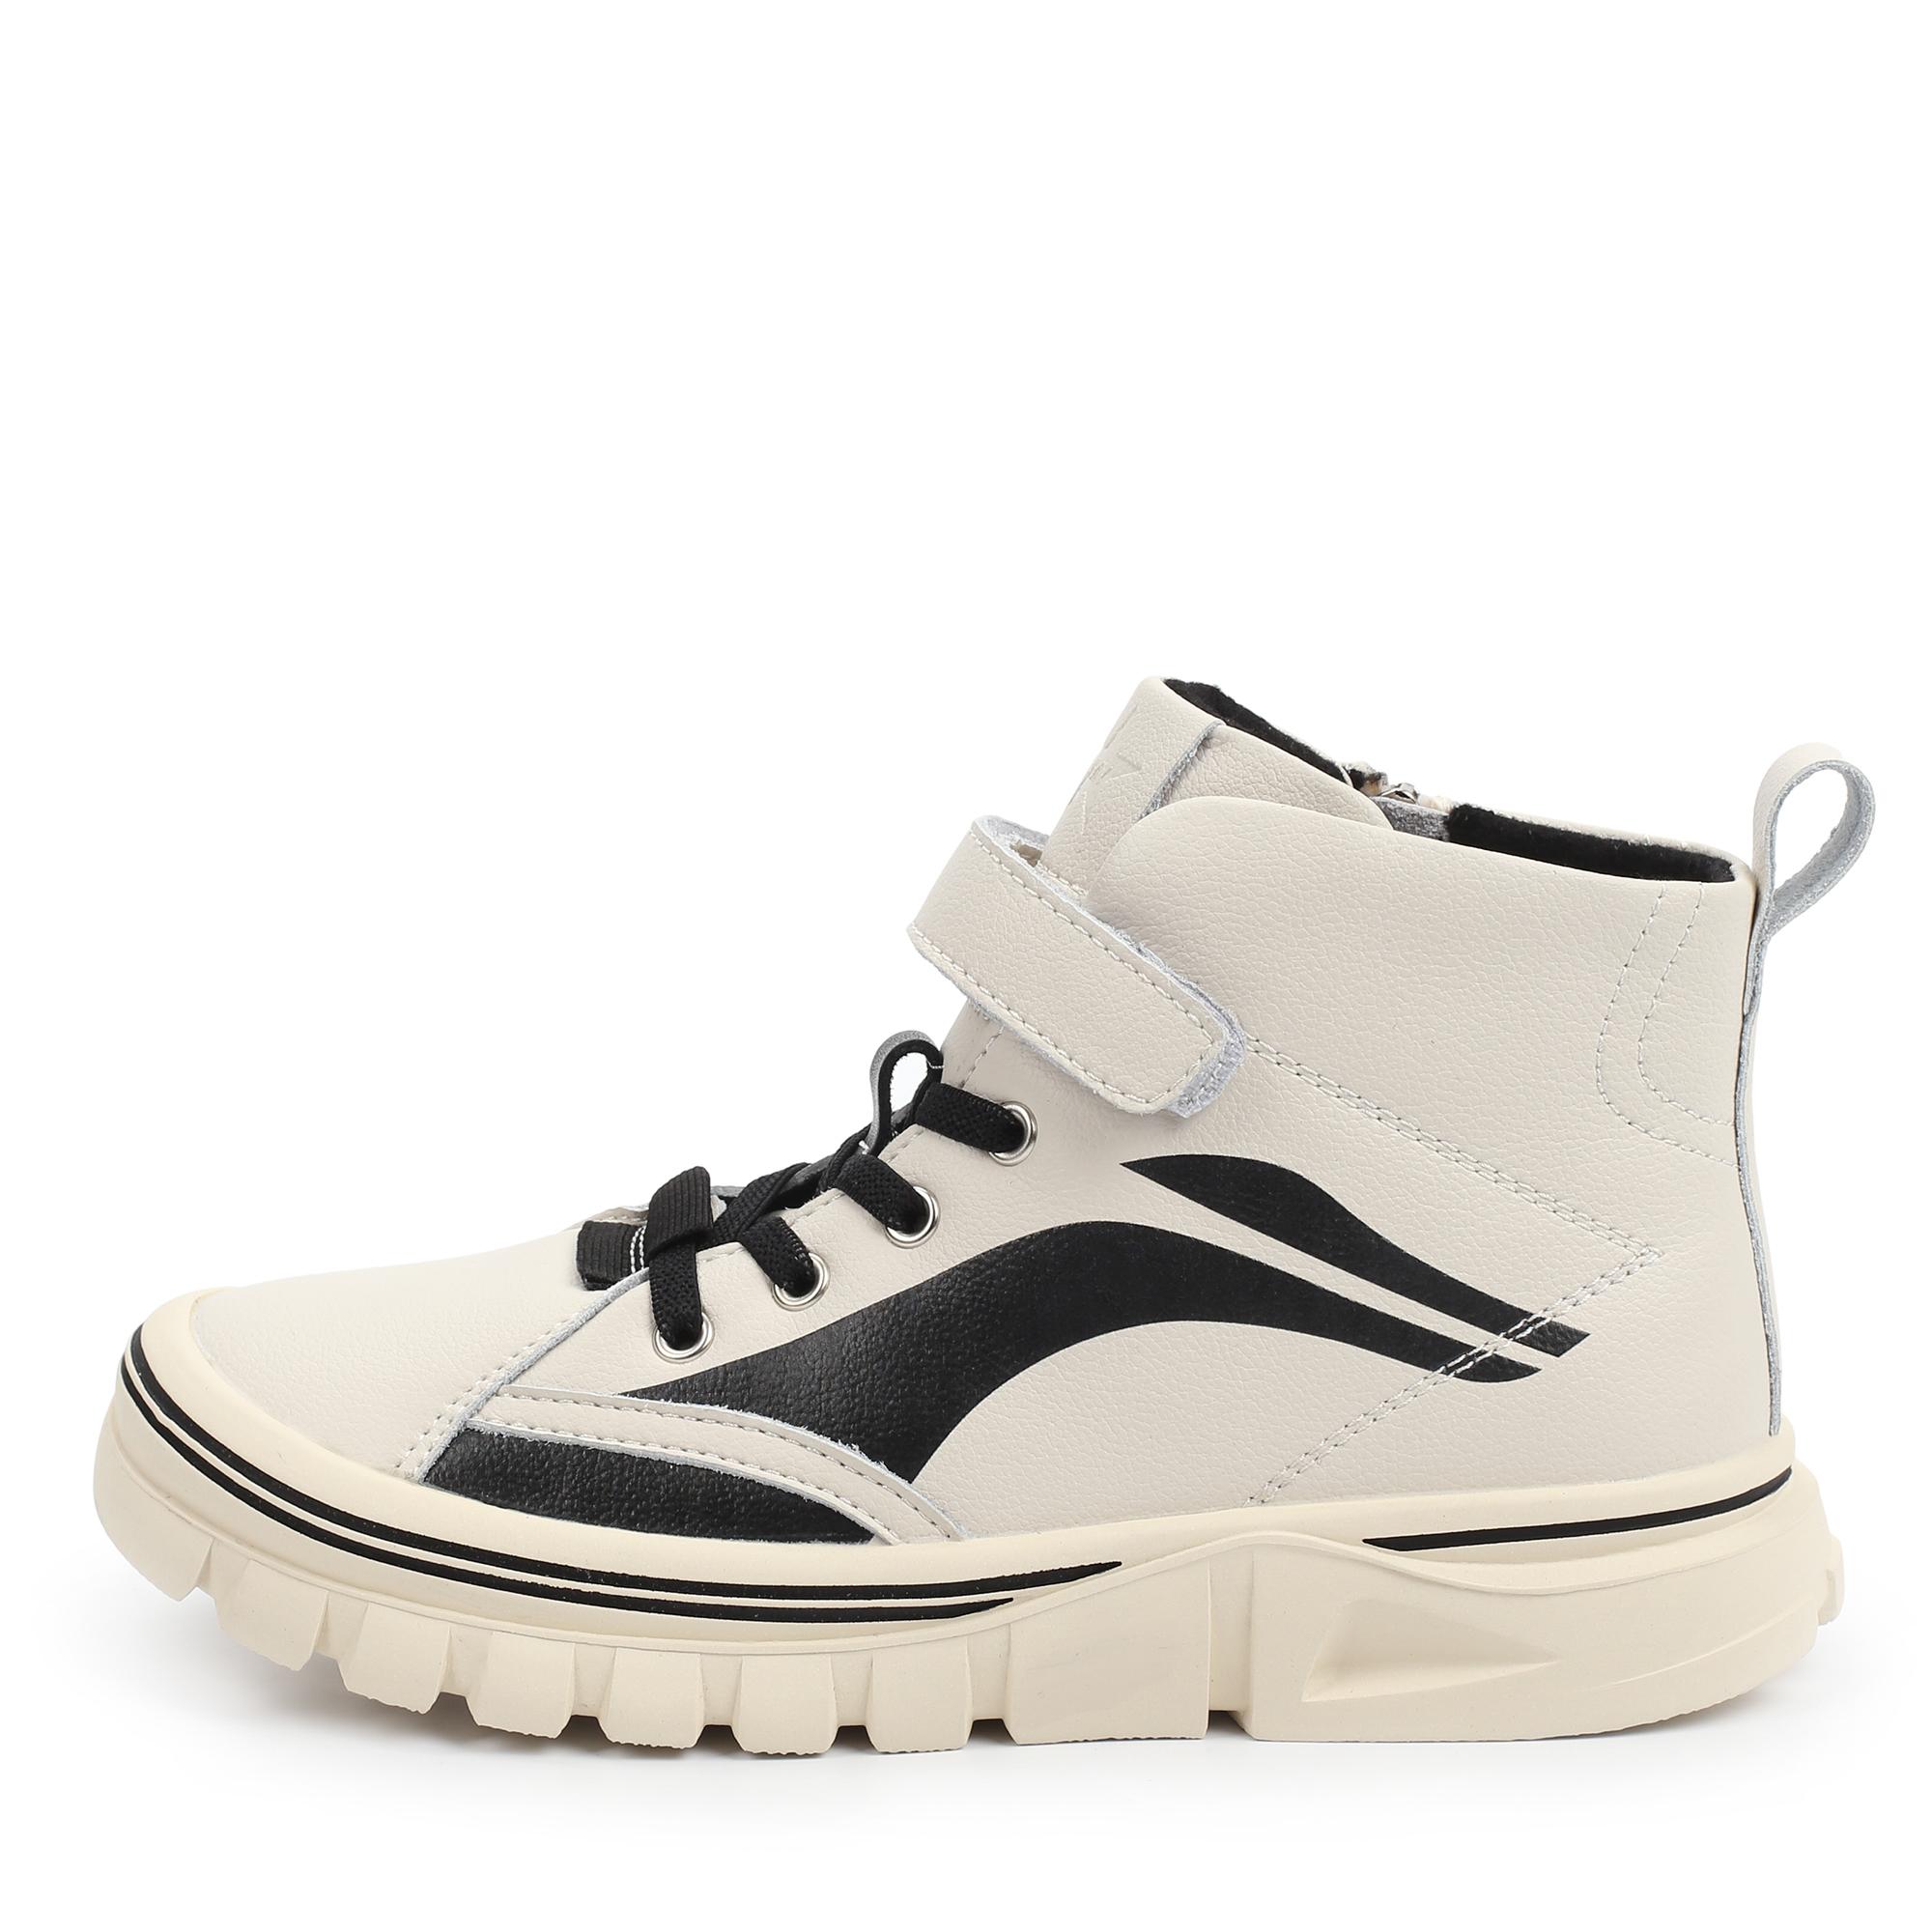 Обувь для мальчиков MUNZ YOUNG 098-680A-74601